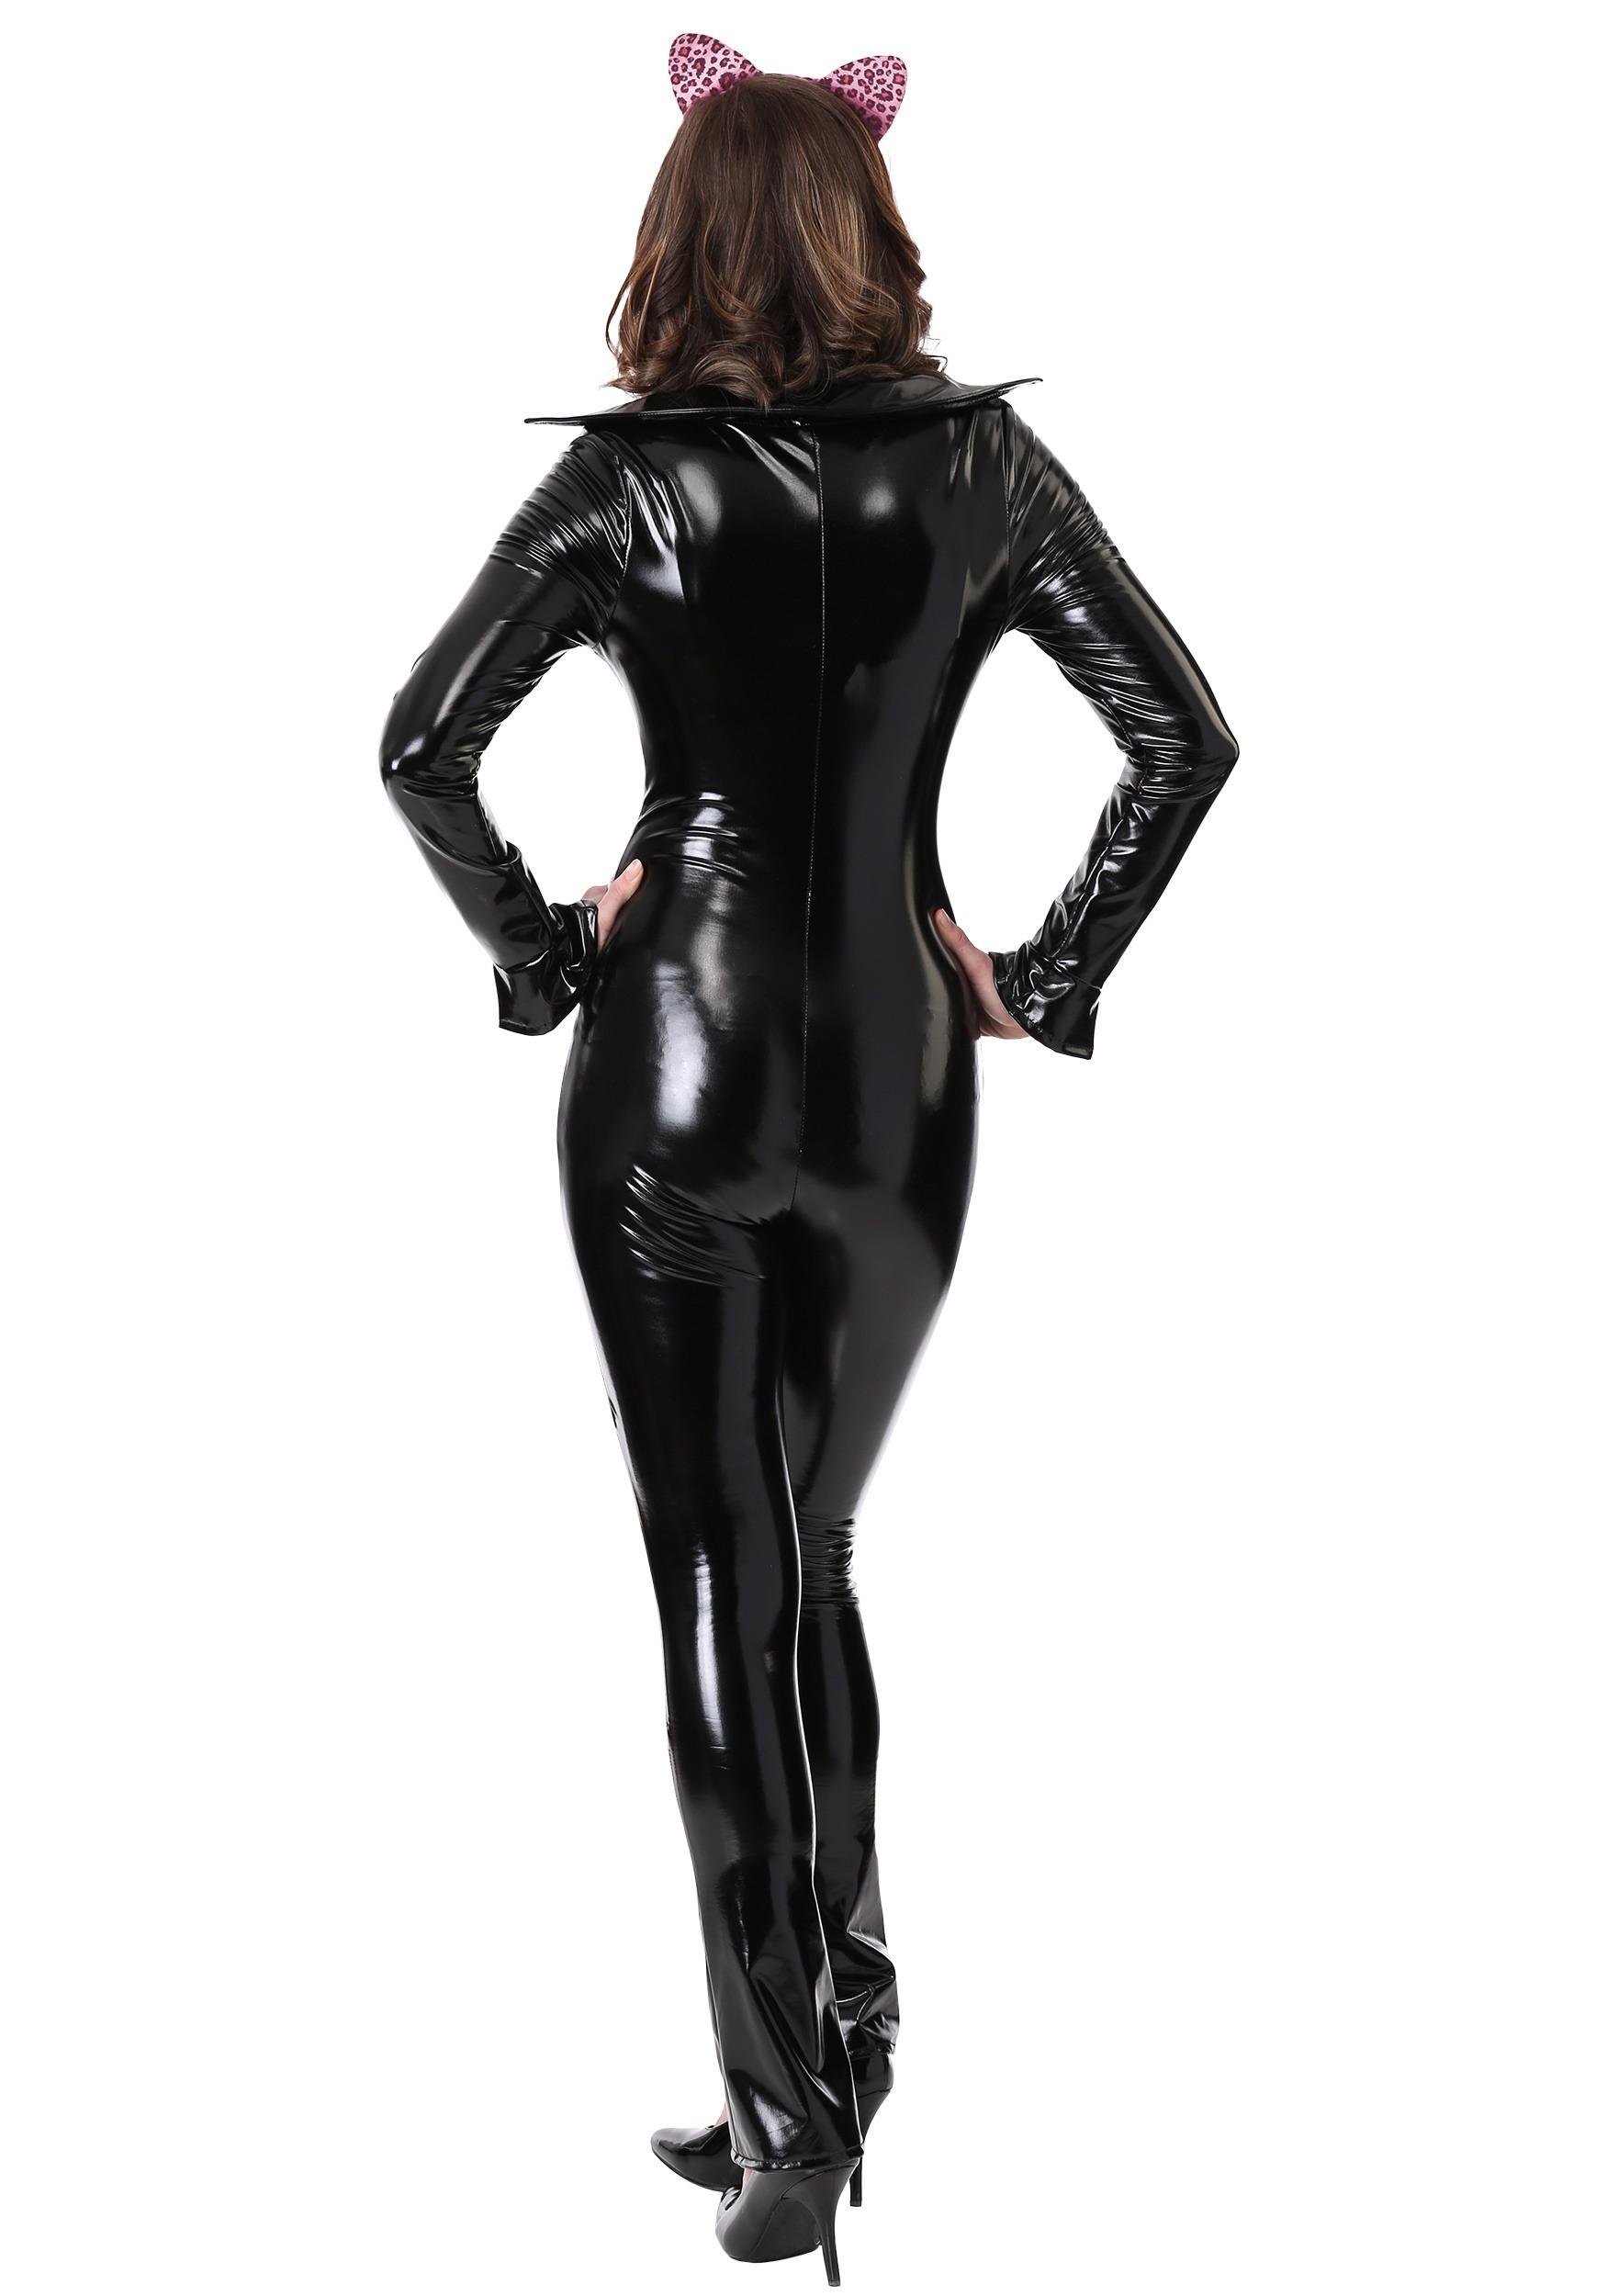 Gretchen Wieners Mean Girls Cat Halloween Costume